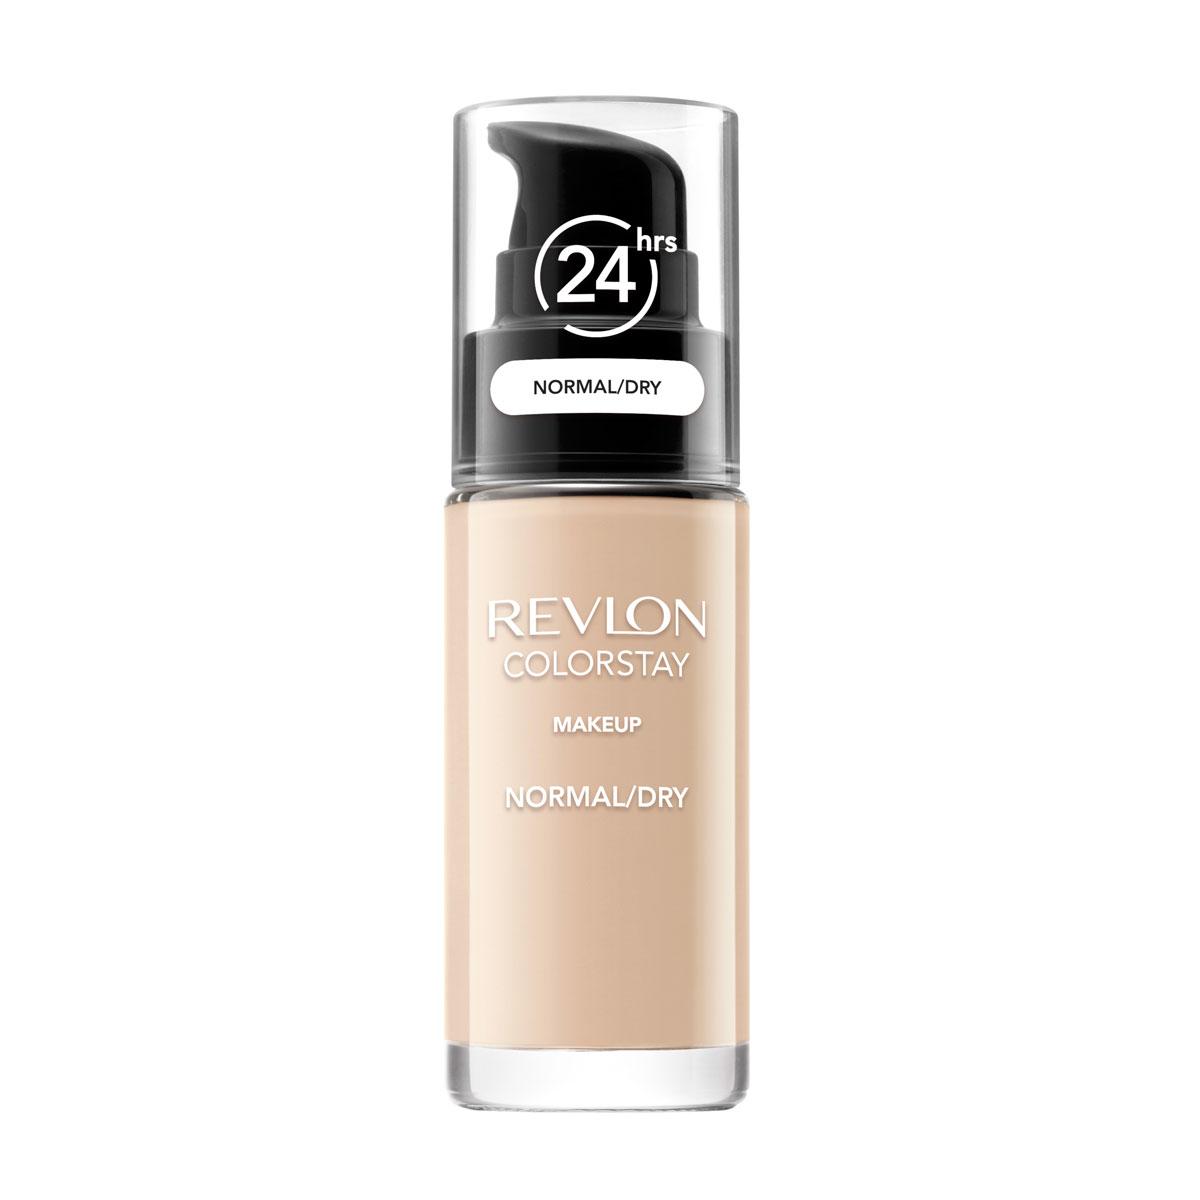 Revlon Тональный Крем для Норм-Сух Кожи Colorstay Makeup For Normal-Dry Skin Sand beige 180 30 мл7221553003Colorstay - легендарная коллекция тональных средств, выбор ведущих визажистов во всем мире! Colorstay Make Up For Normal / Dry Skin - тональный крем с удивительно легкой текстурой идеально выравнивает тон и рельеф кожи, обеспечивая ей при этом должный уровень увлажнения. Colorstay™ дарит коже приятную матовость, сохраняет макияж безупречным надолго - гарантированная стойкость в течение 24 часов! Предназначен для сухой и нормальной кожи.Наносите крем легкими разглаживающими движениями от центра к контурам с помощью кисти или пальцев, затем растушуйте на границе нанесения: у линии роста волос, в области шеи и ушей.